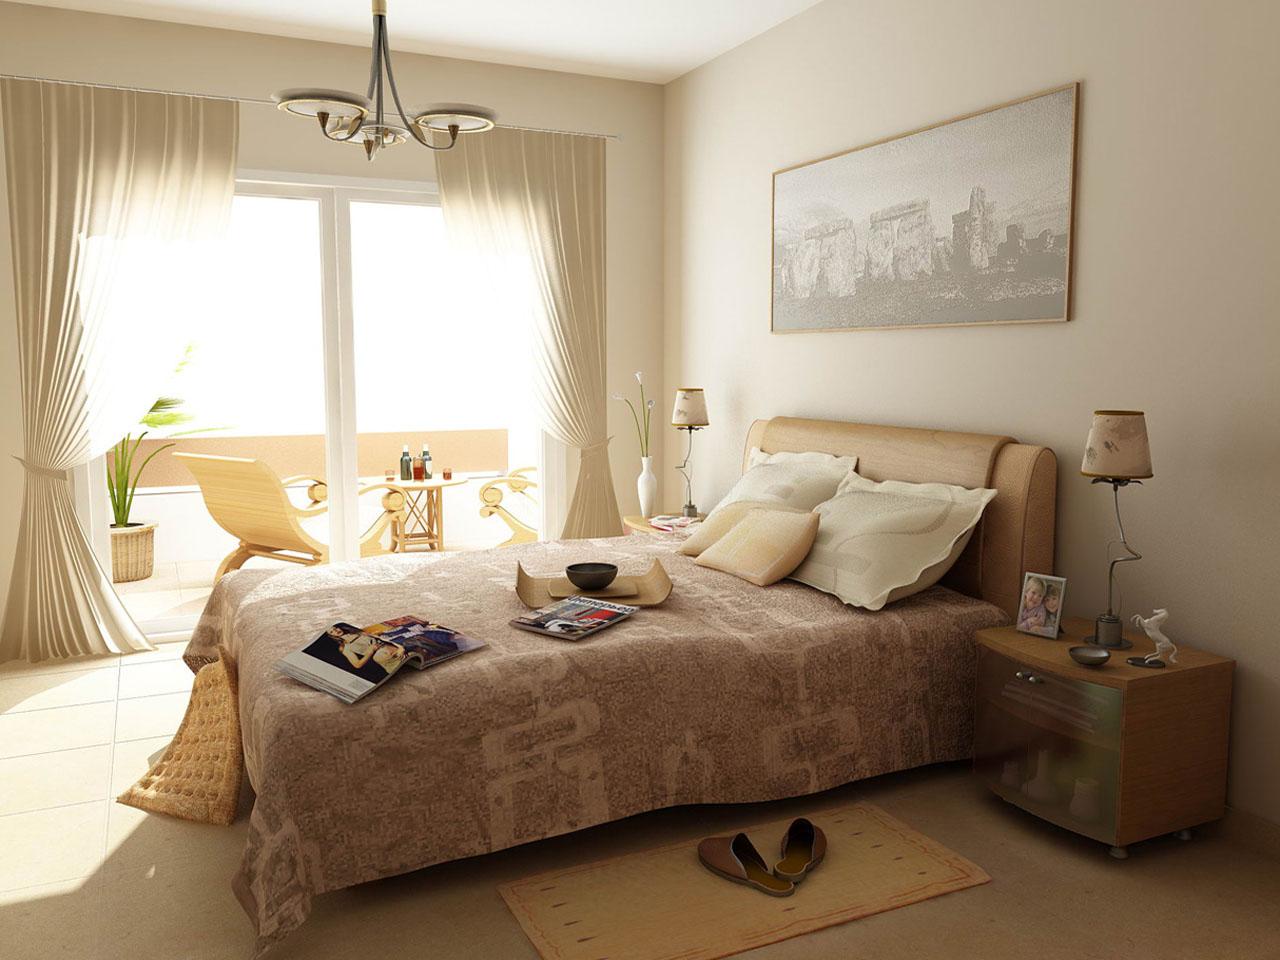 Dormitorios decorados en colores tierra dormitorios con - Habitaciones juveniles con estilo ...